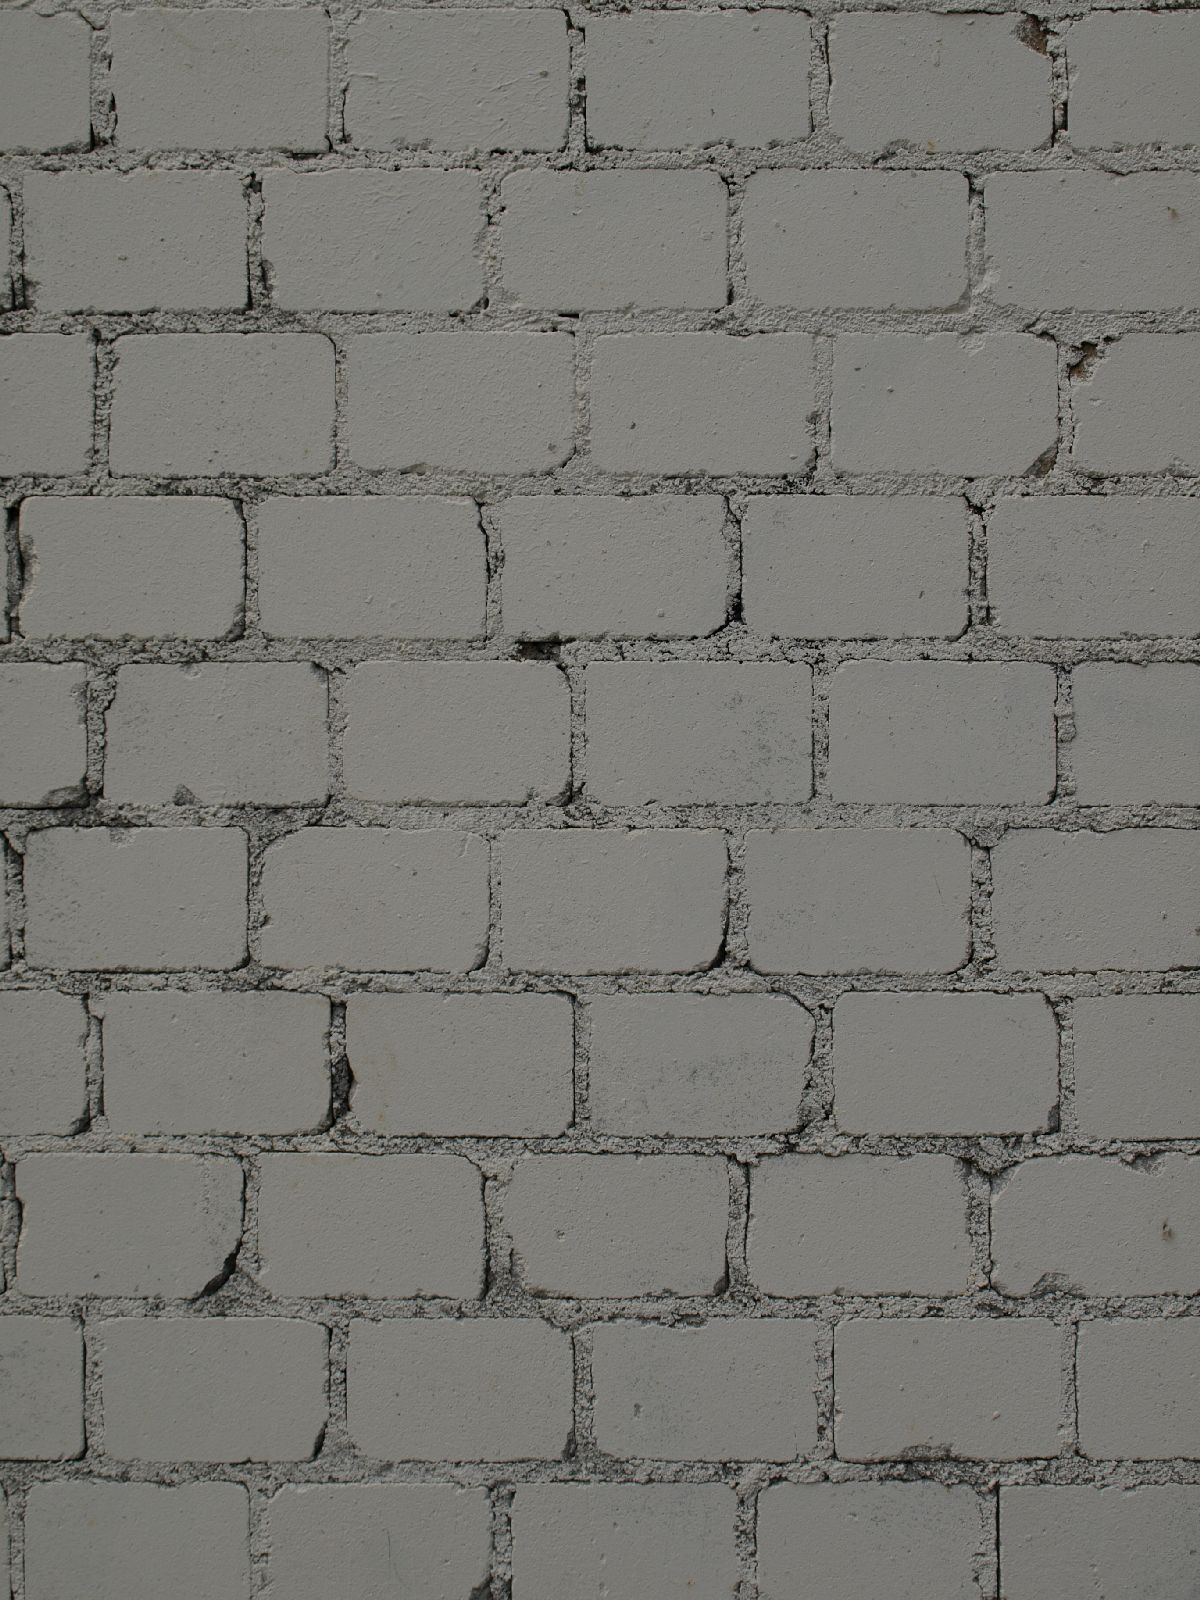 Ground-Urban_Texture_A_P8204525